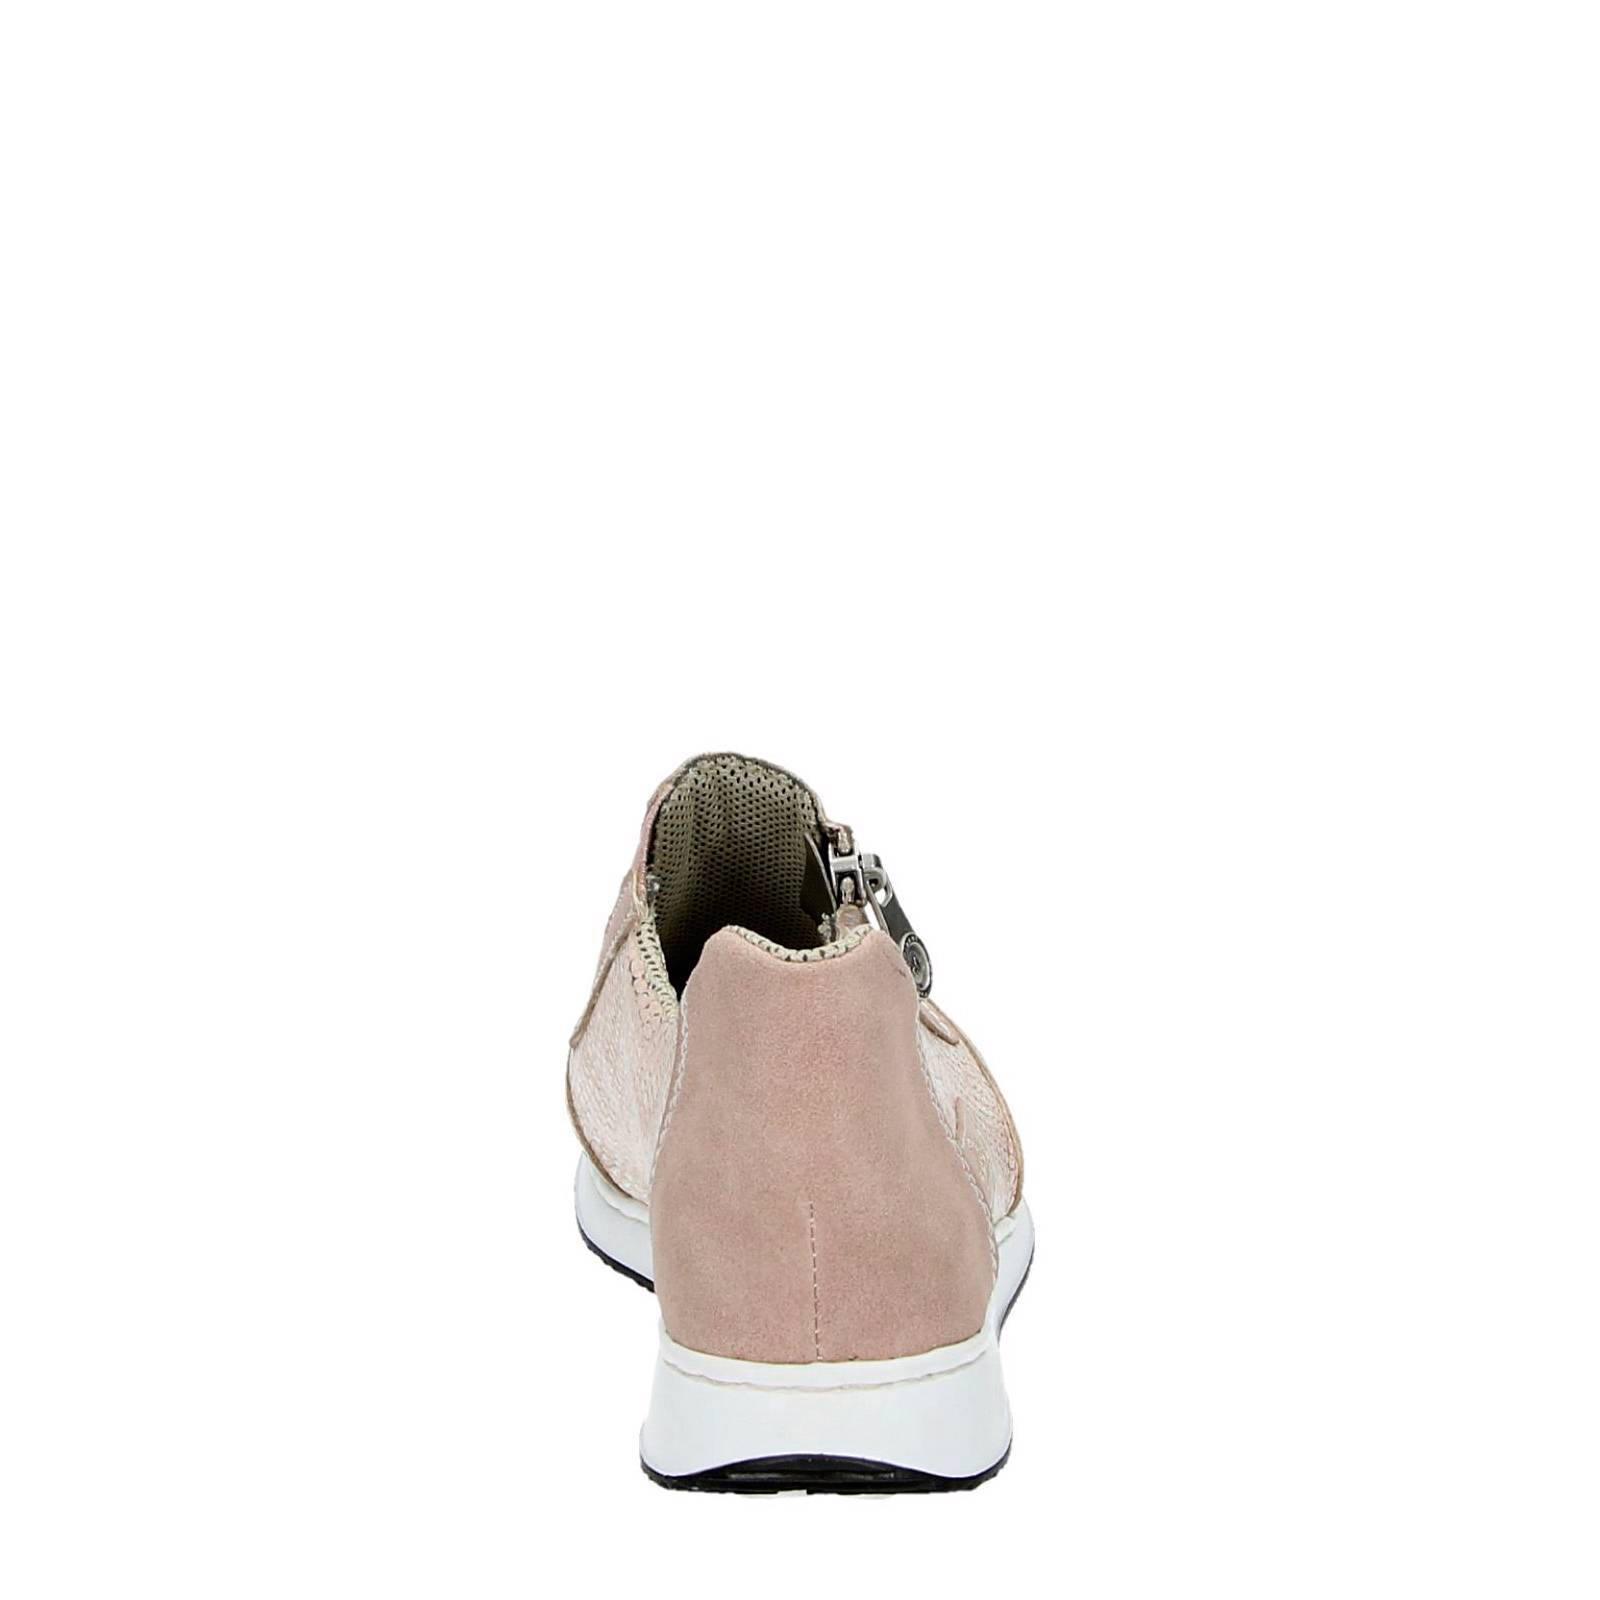 35.99 Rieker Sneakers